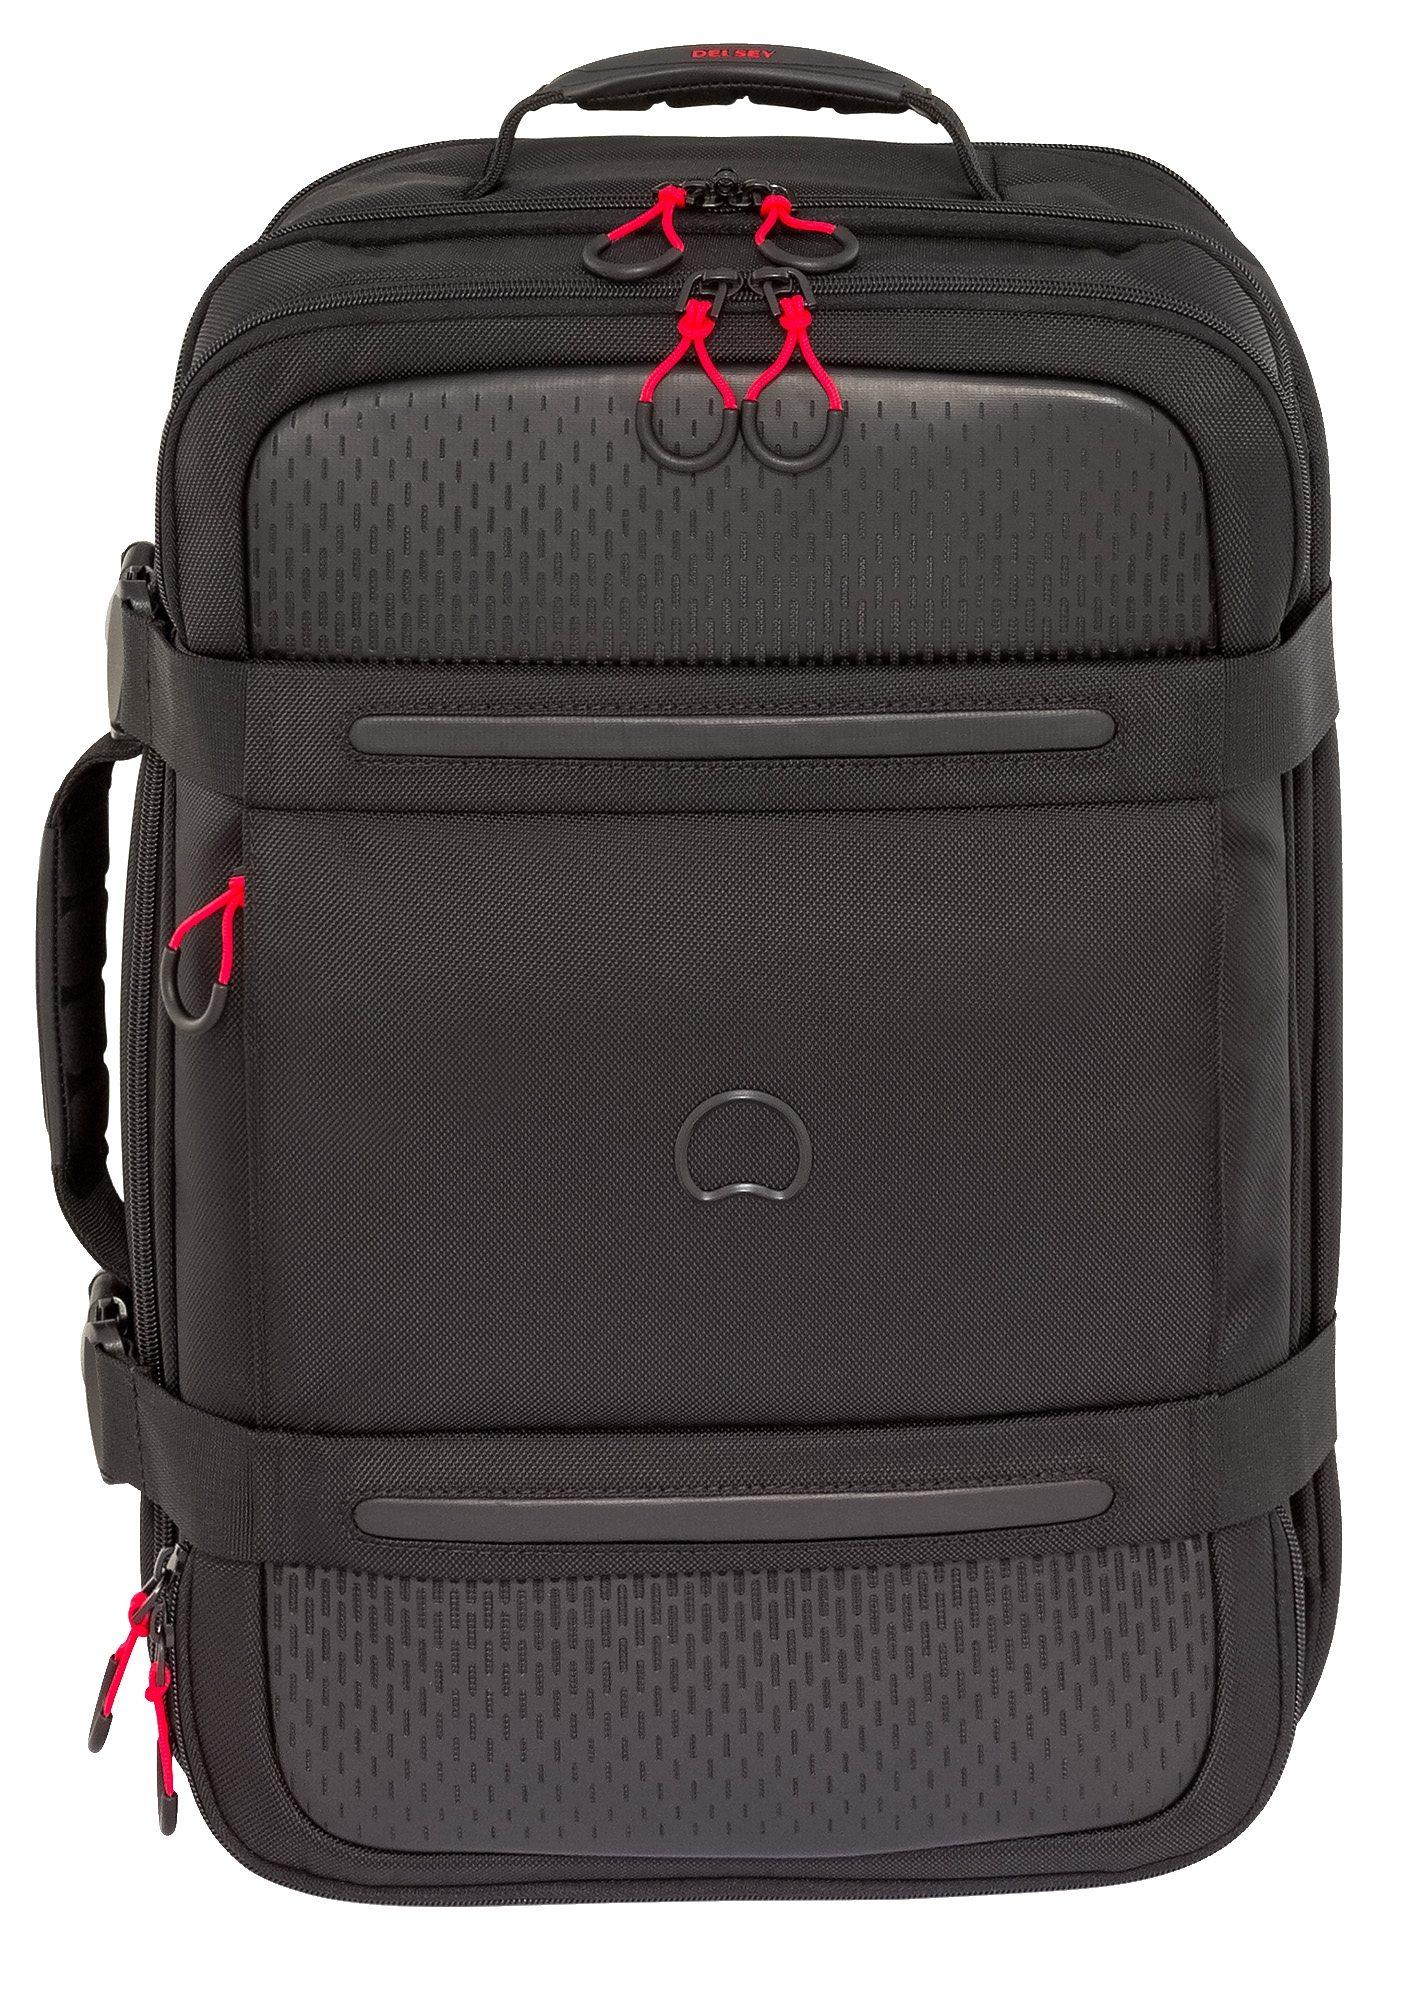 DELSEY Rucksack/Koffer mit 17,3-Zoll Laptopfach, »Montsouris«